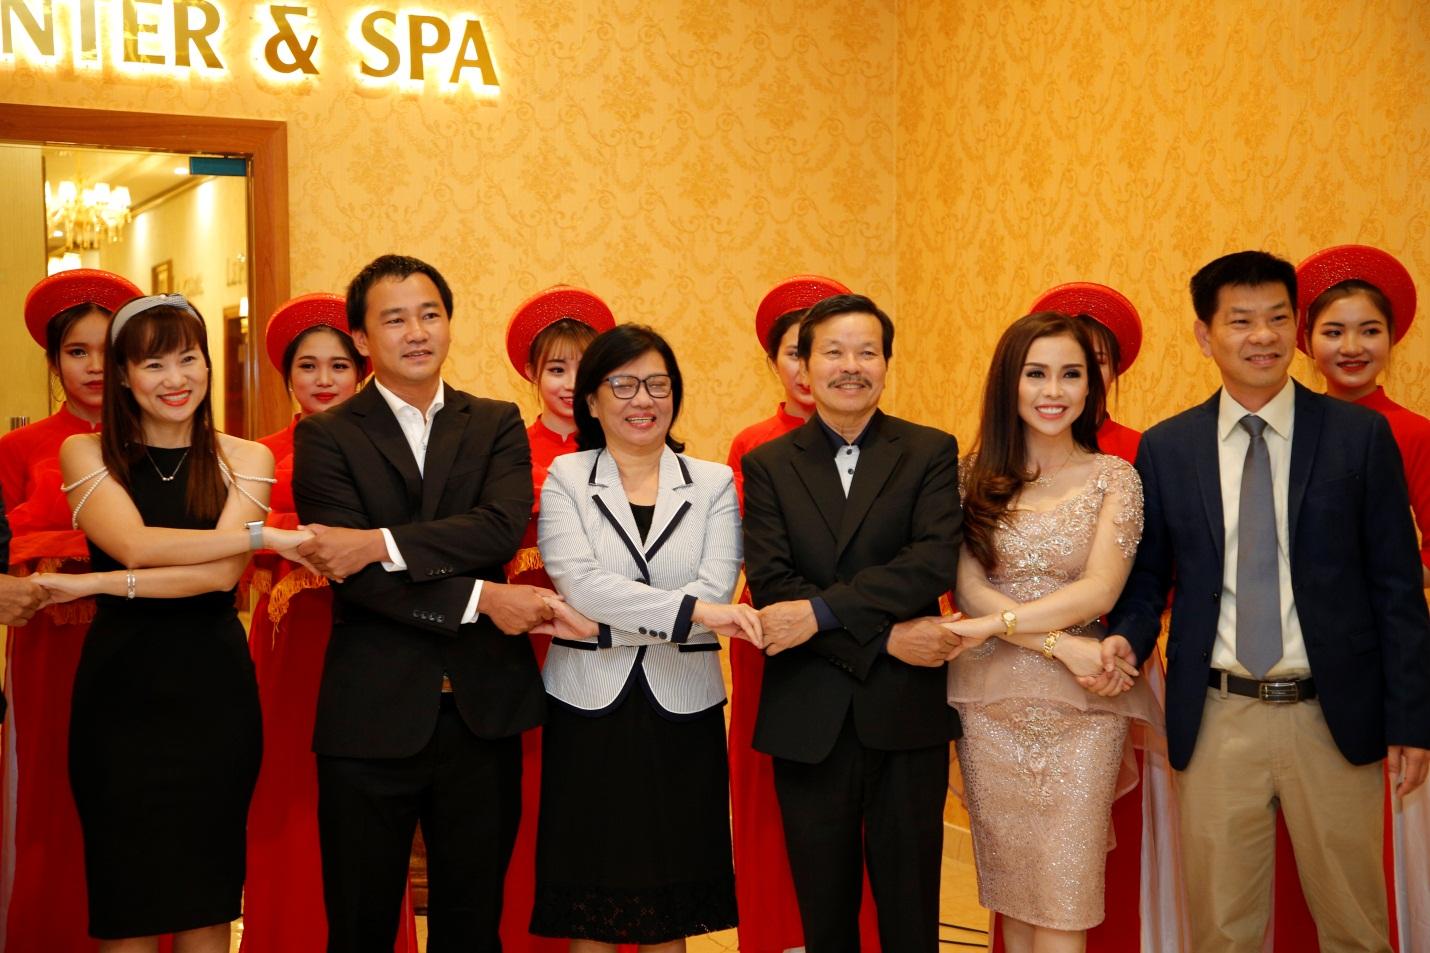 Khách sạn Ladalat chính thức được công nhận là khách sạn 5 sao - Ảnh 5.